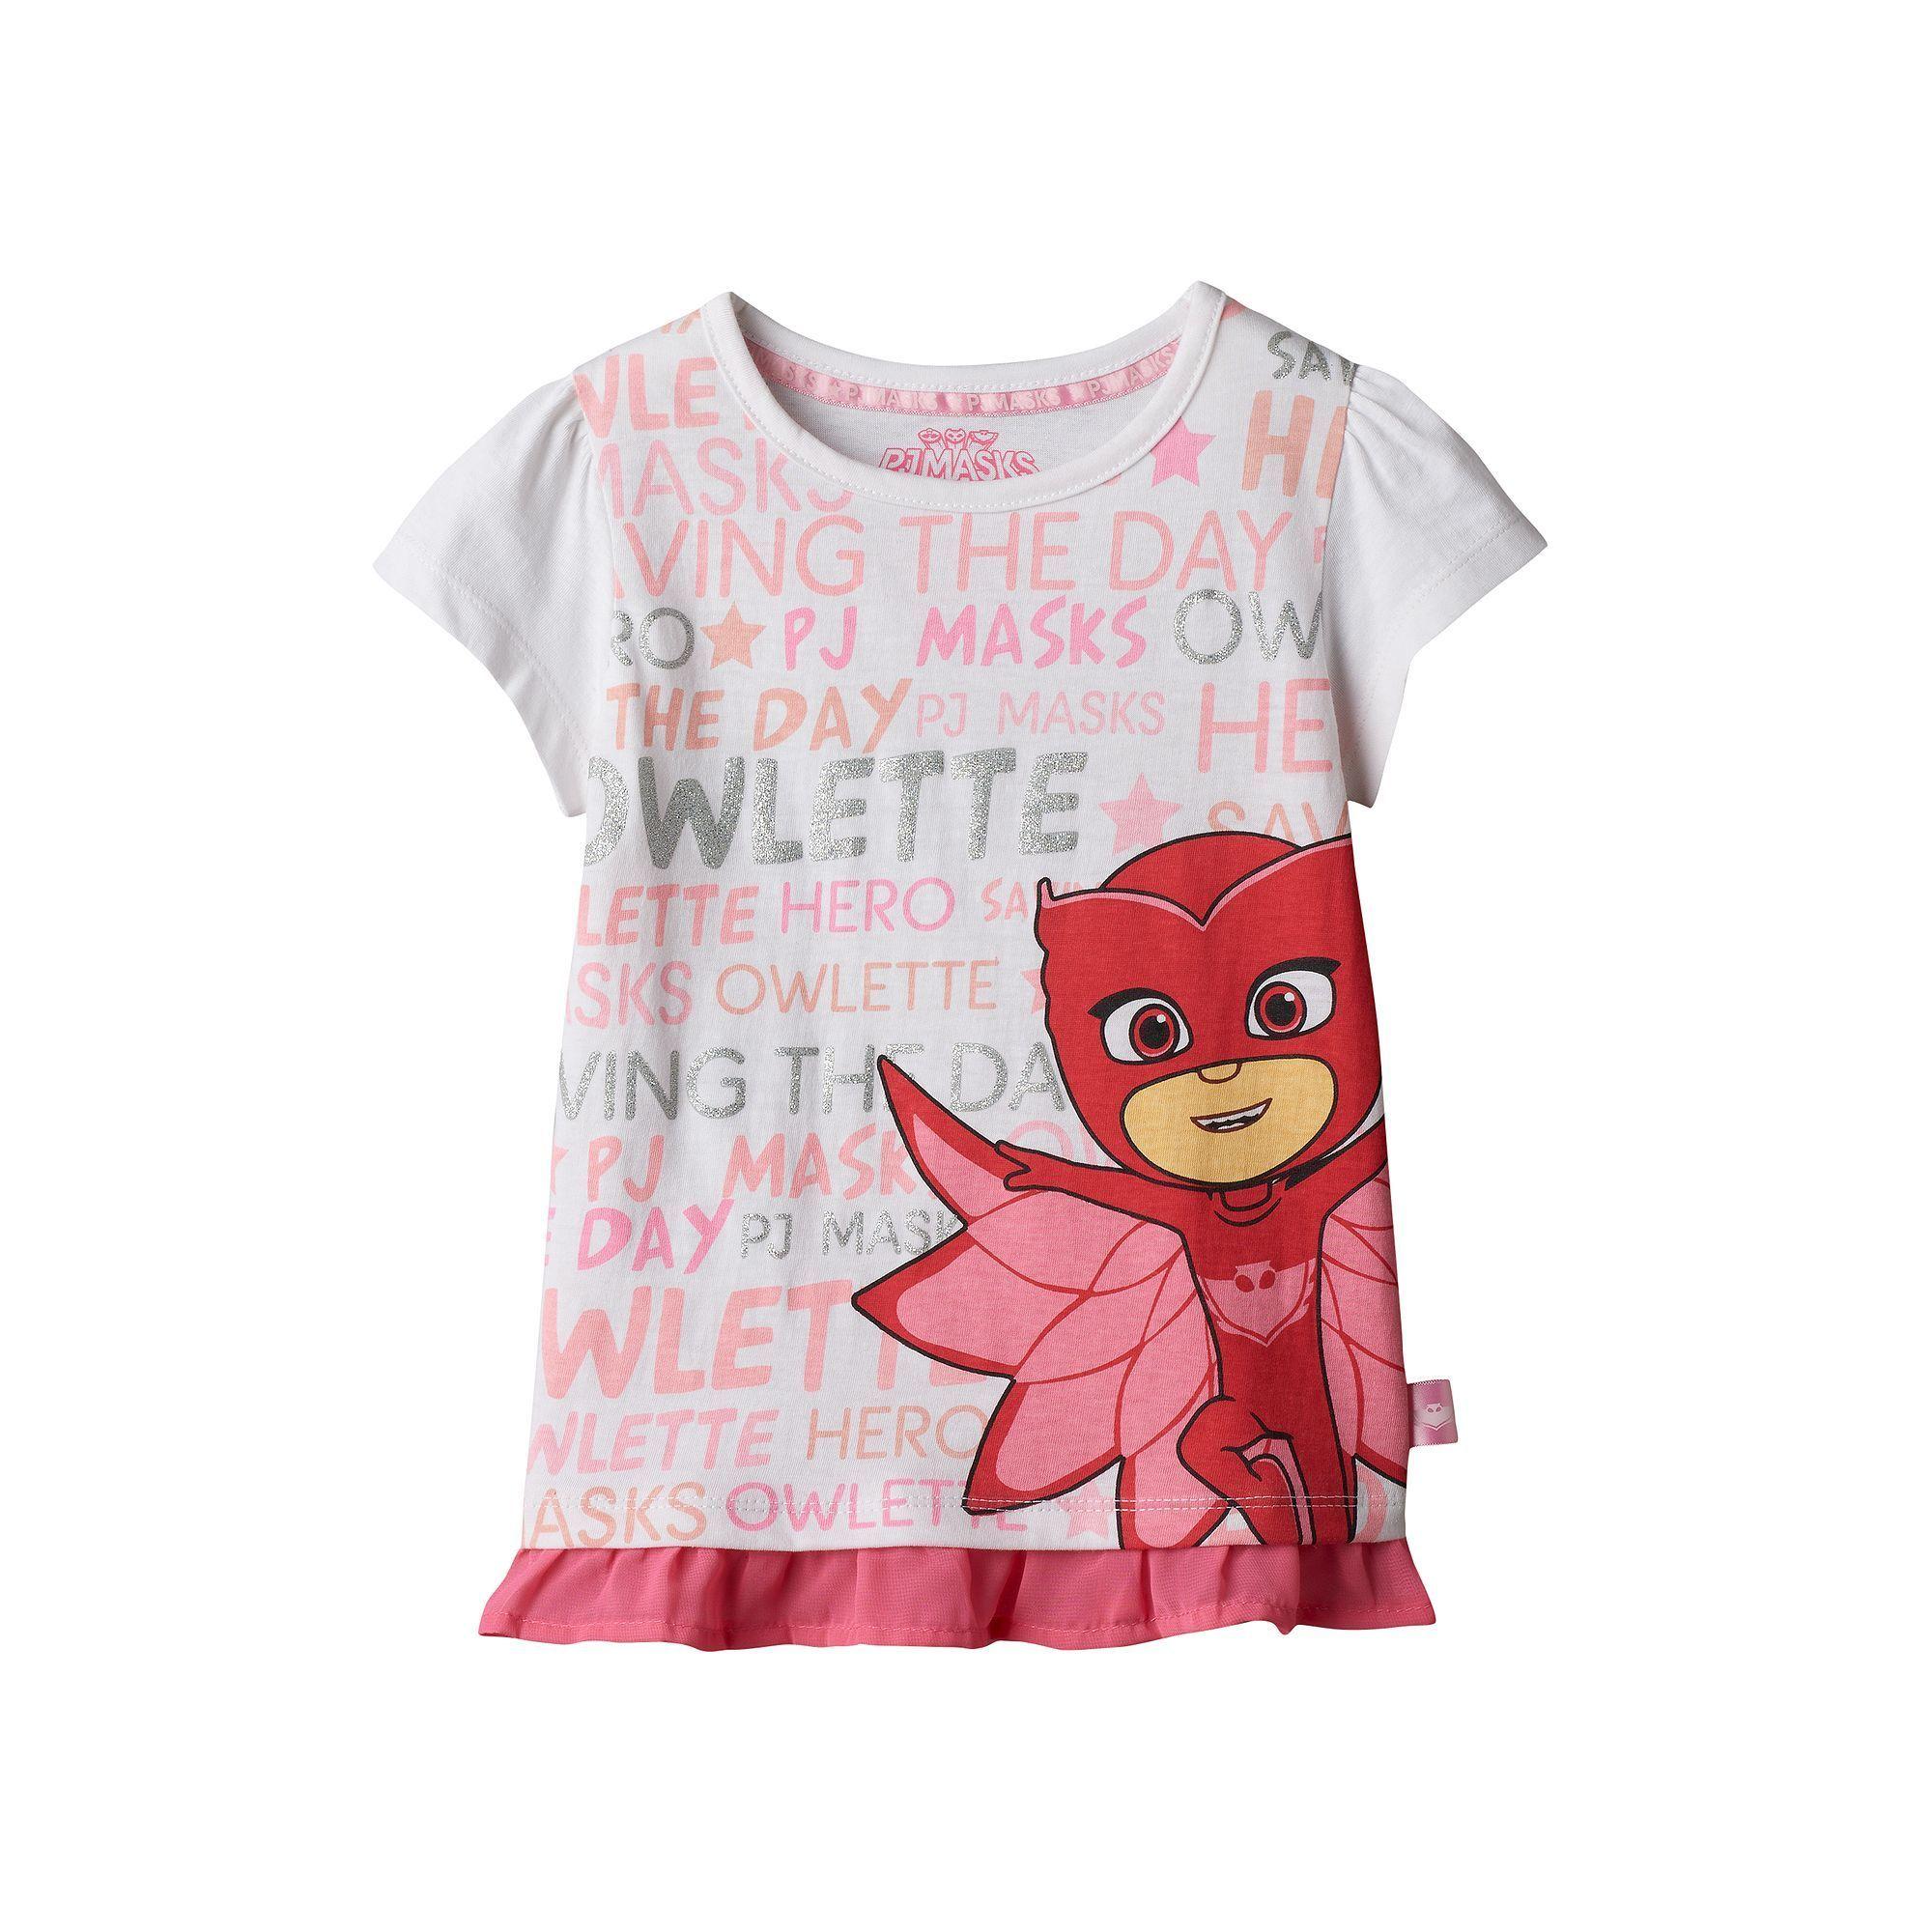 6e2678e10 Girls 4-7 PJ Masks Owlette Ruffled-Hem Tee, Girl's, Size: 6X, White